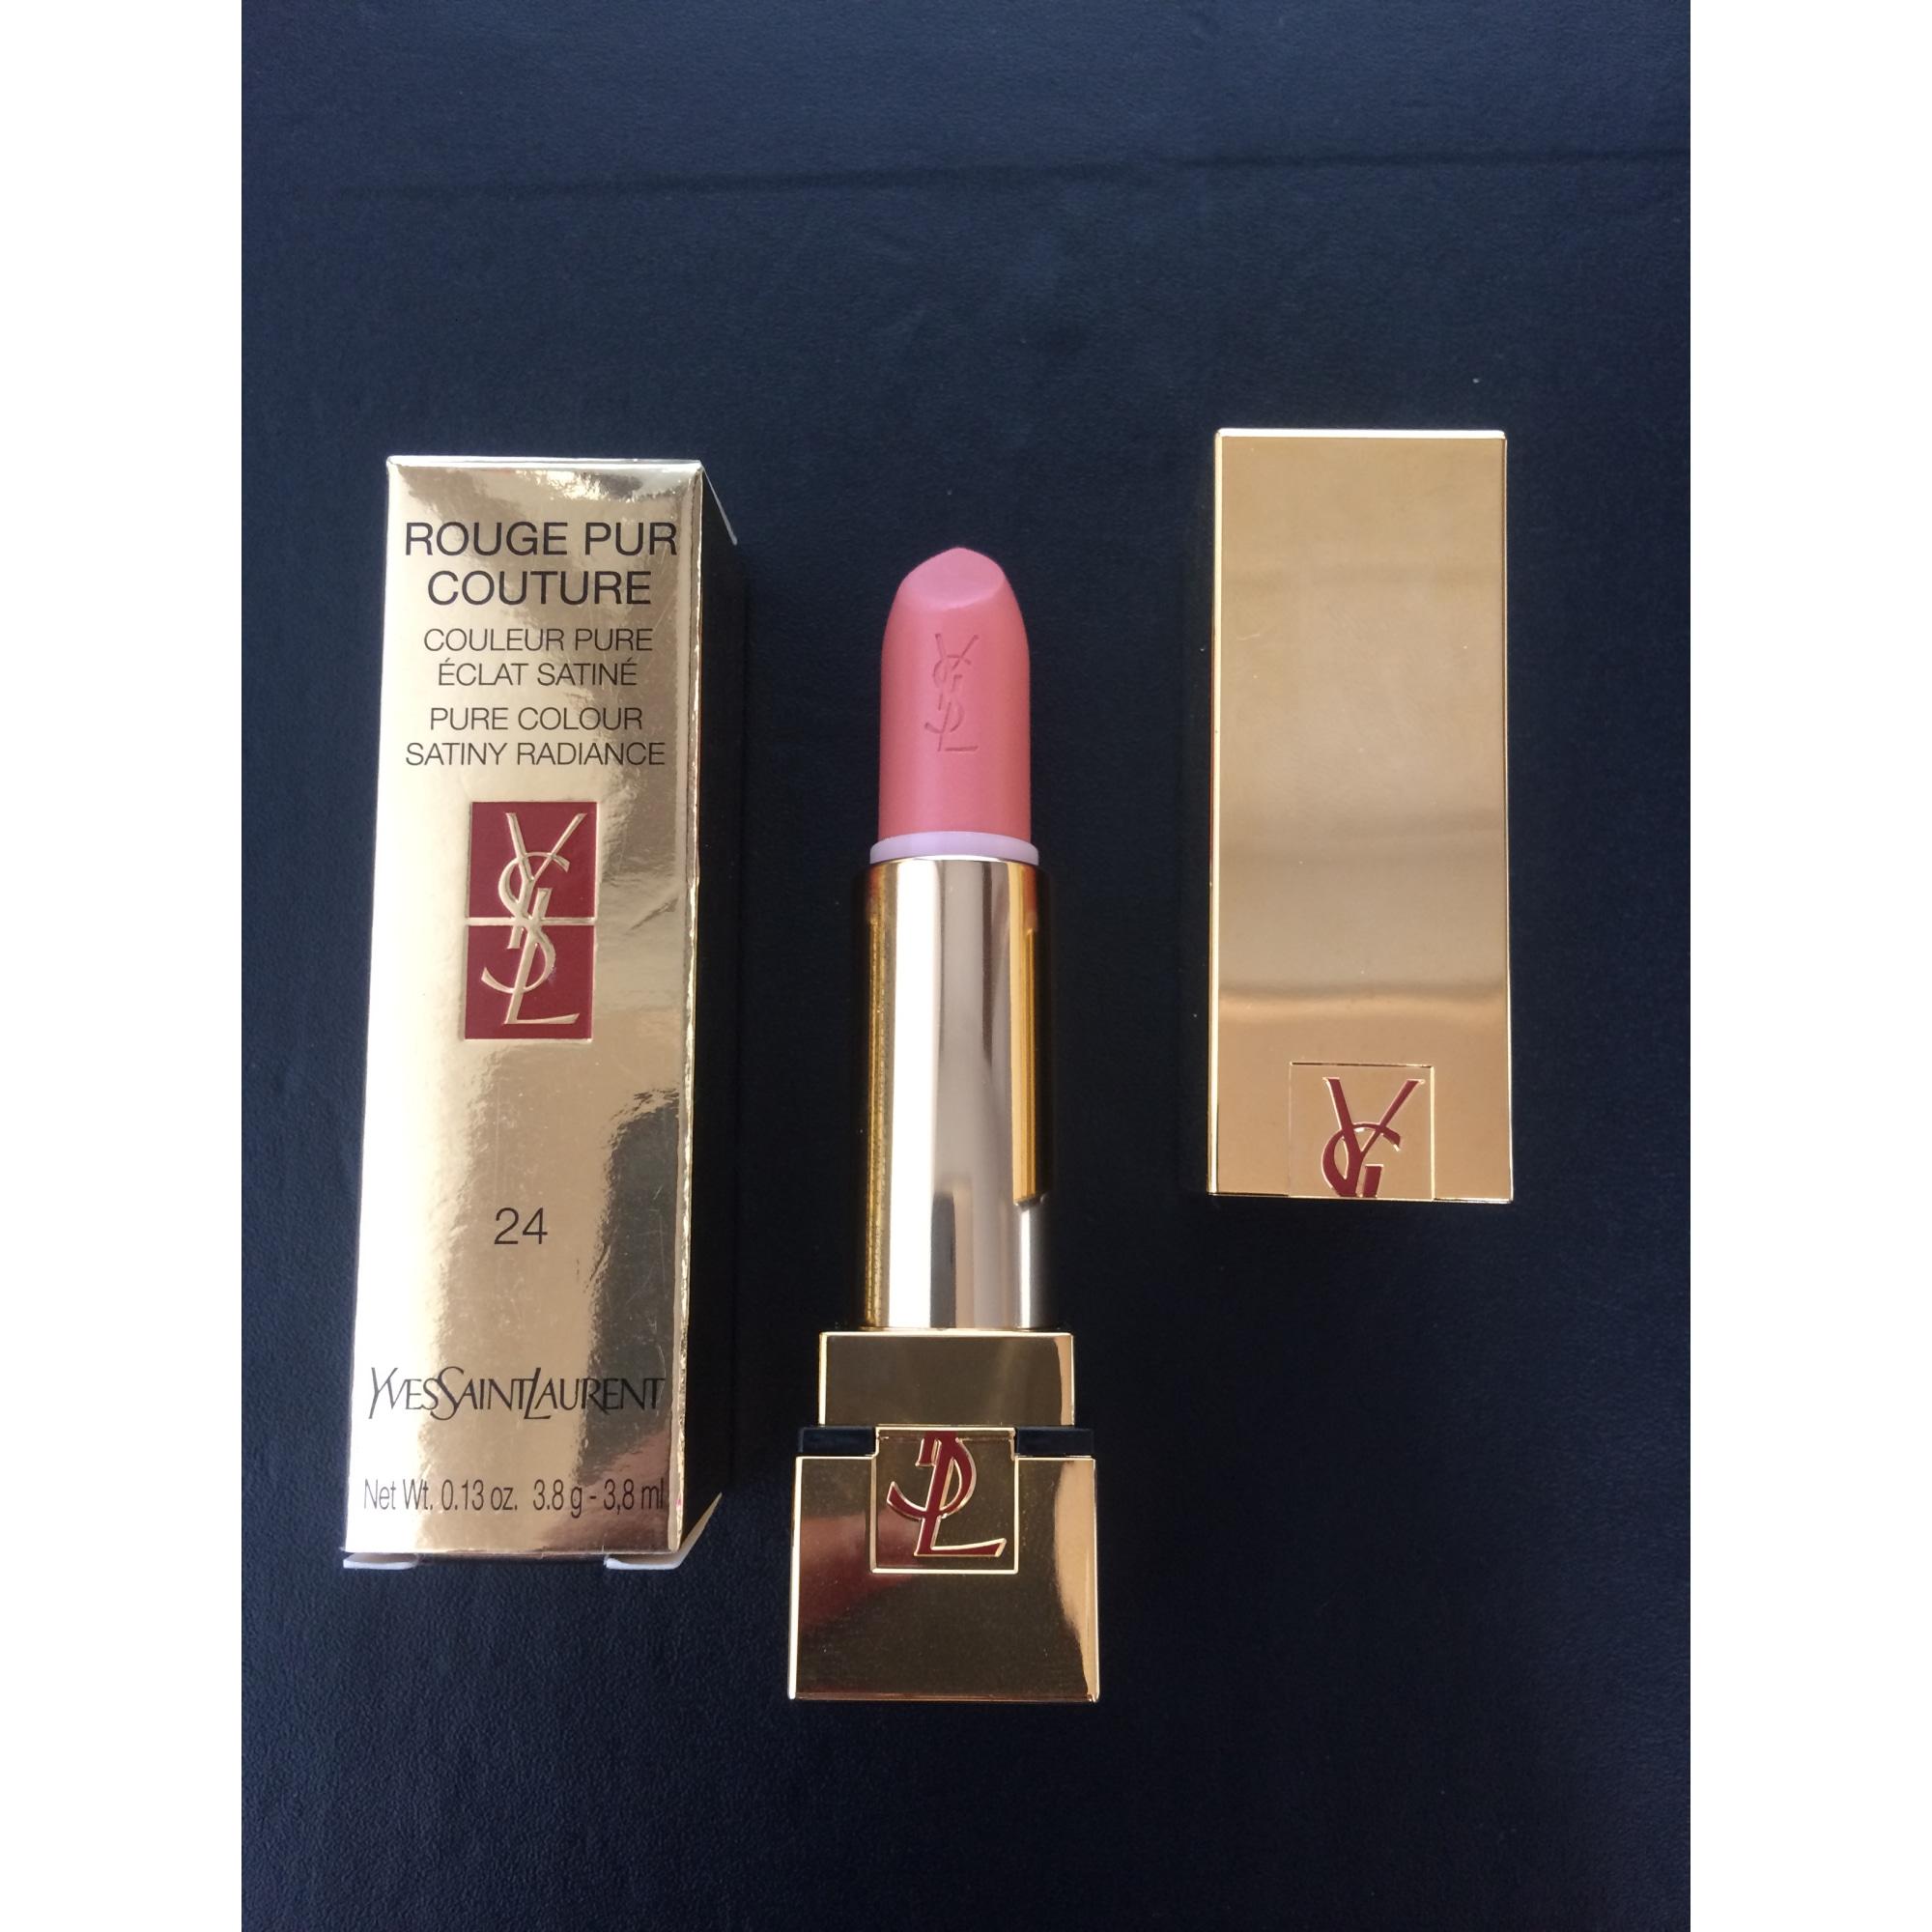 Complètement et à l'extrême Rouge à lèvres YVES SAINT LAURENT rose pastel vendu par Irisparis &DV_24